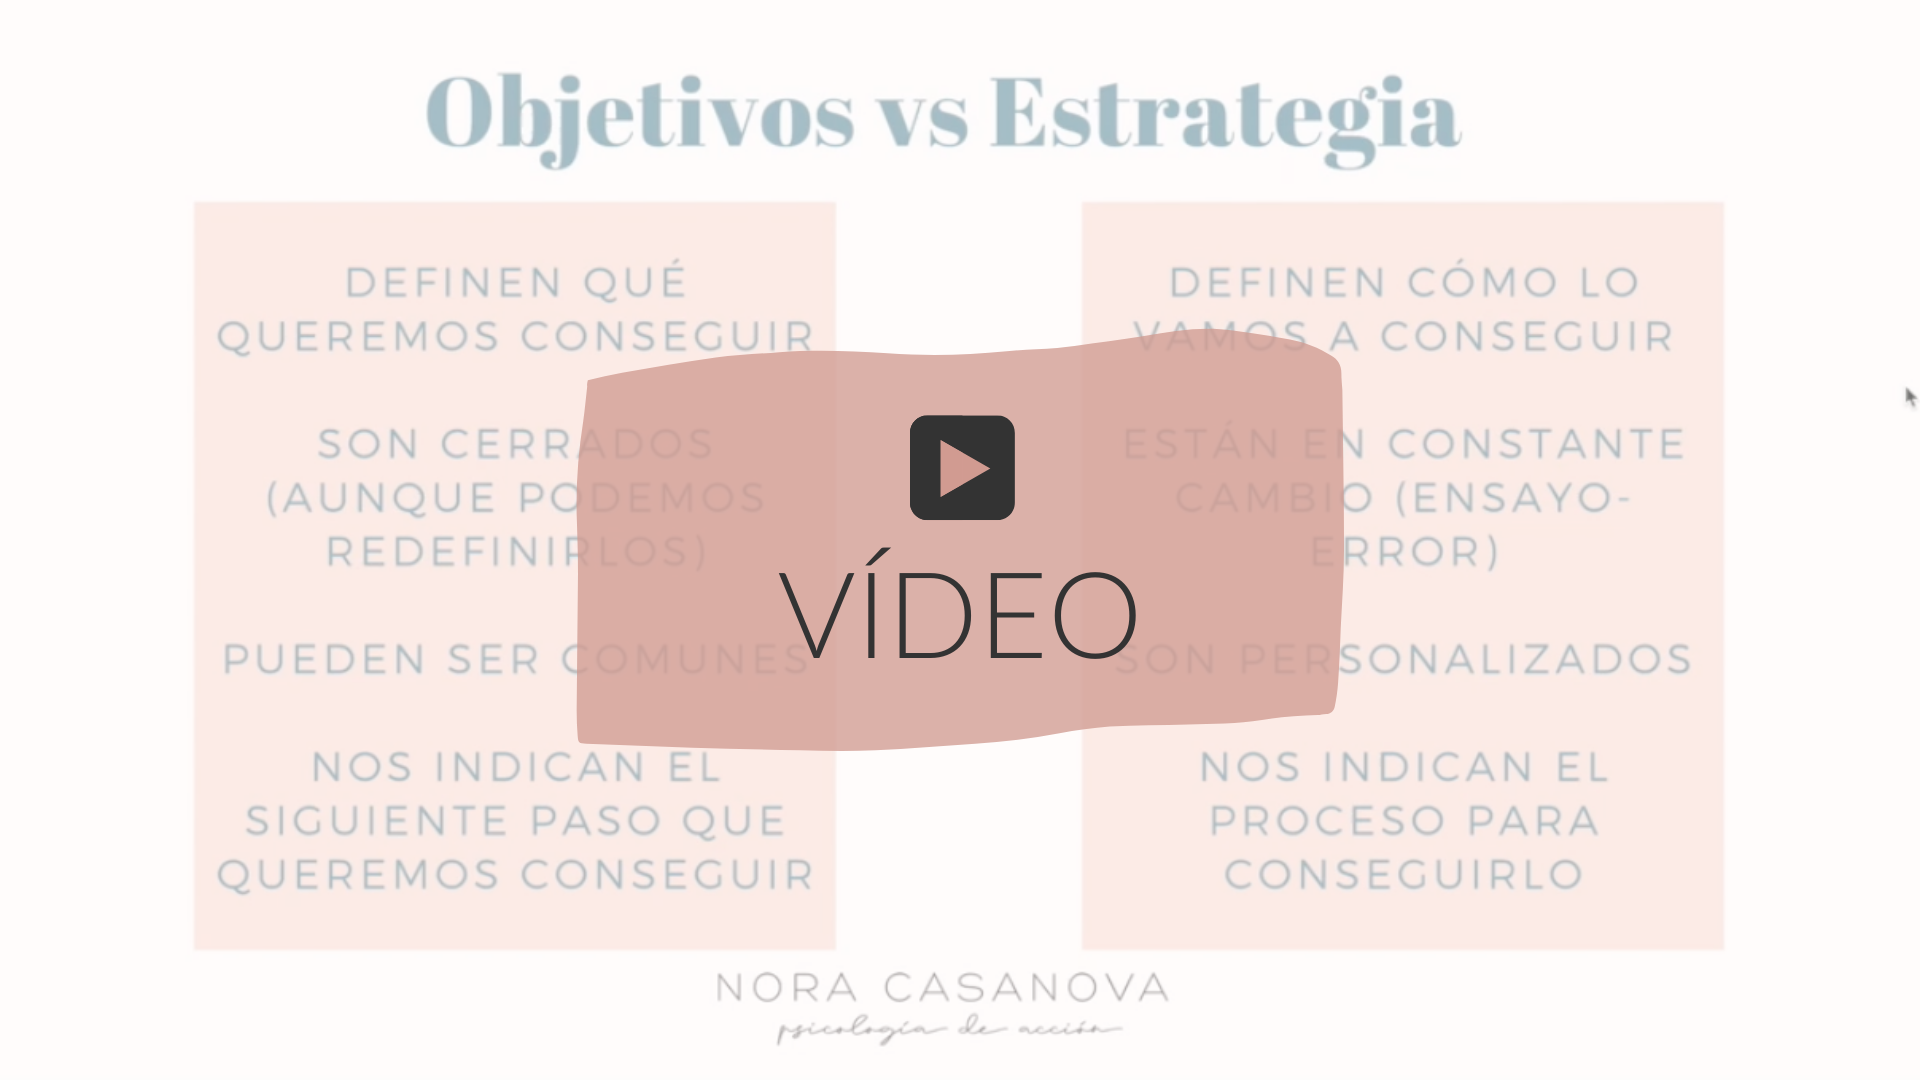 Objetivos vs estrategias